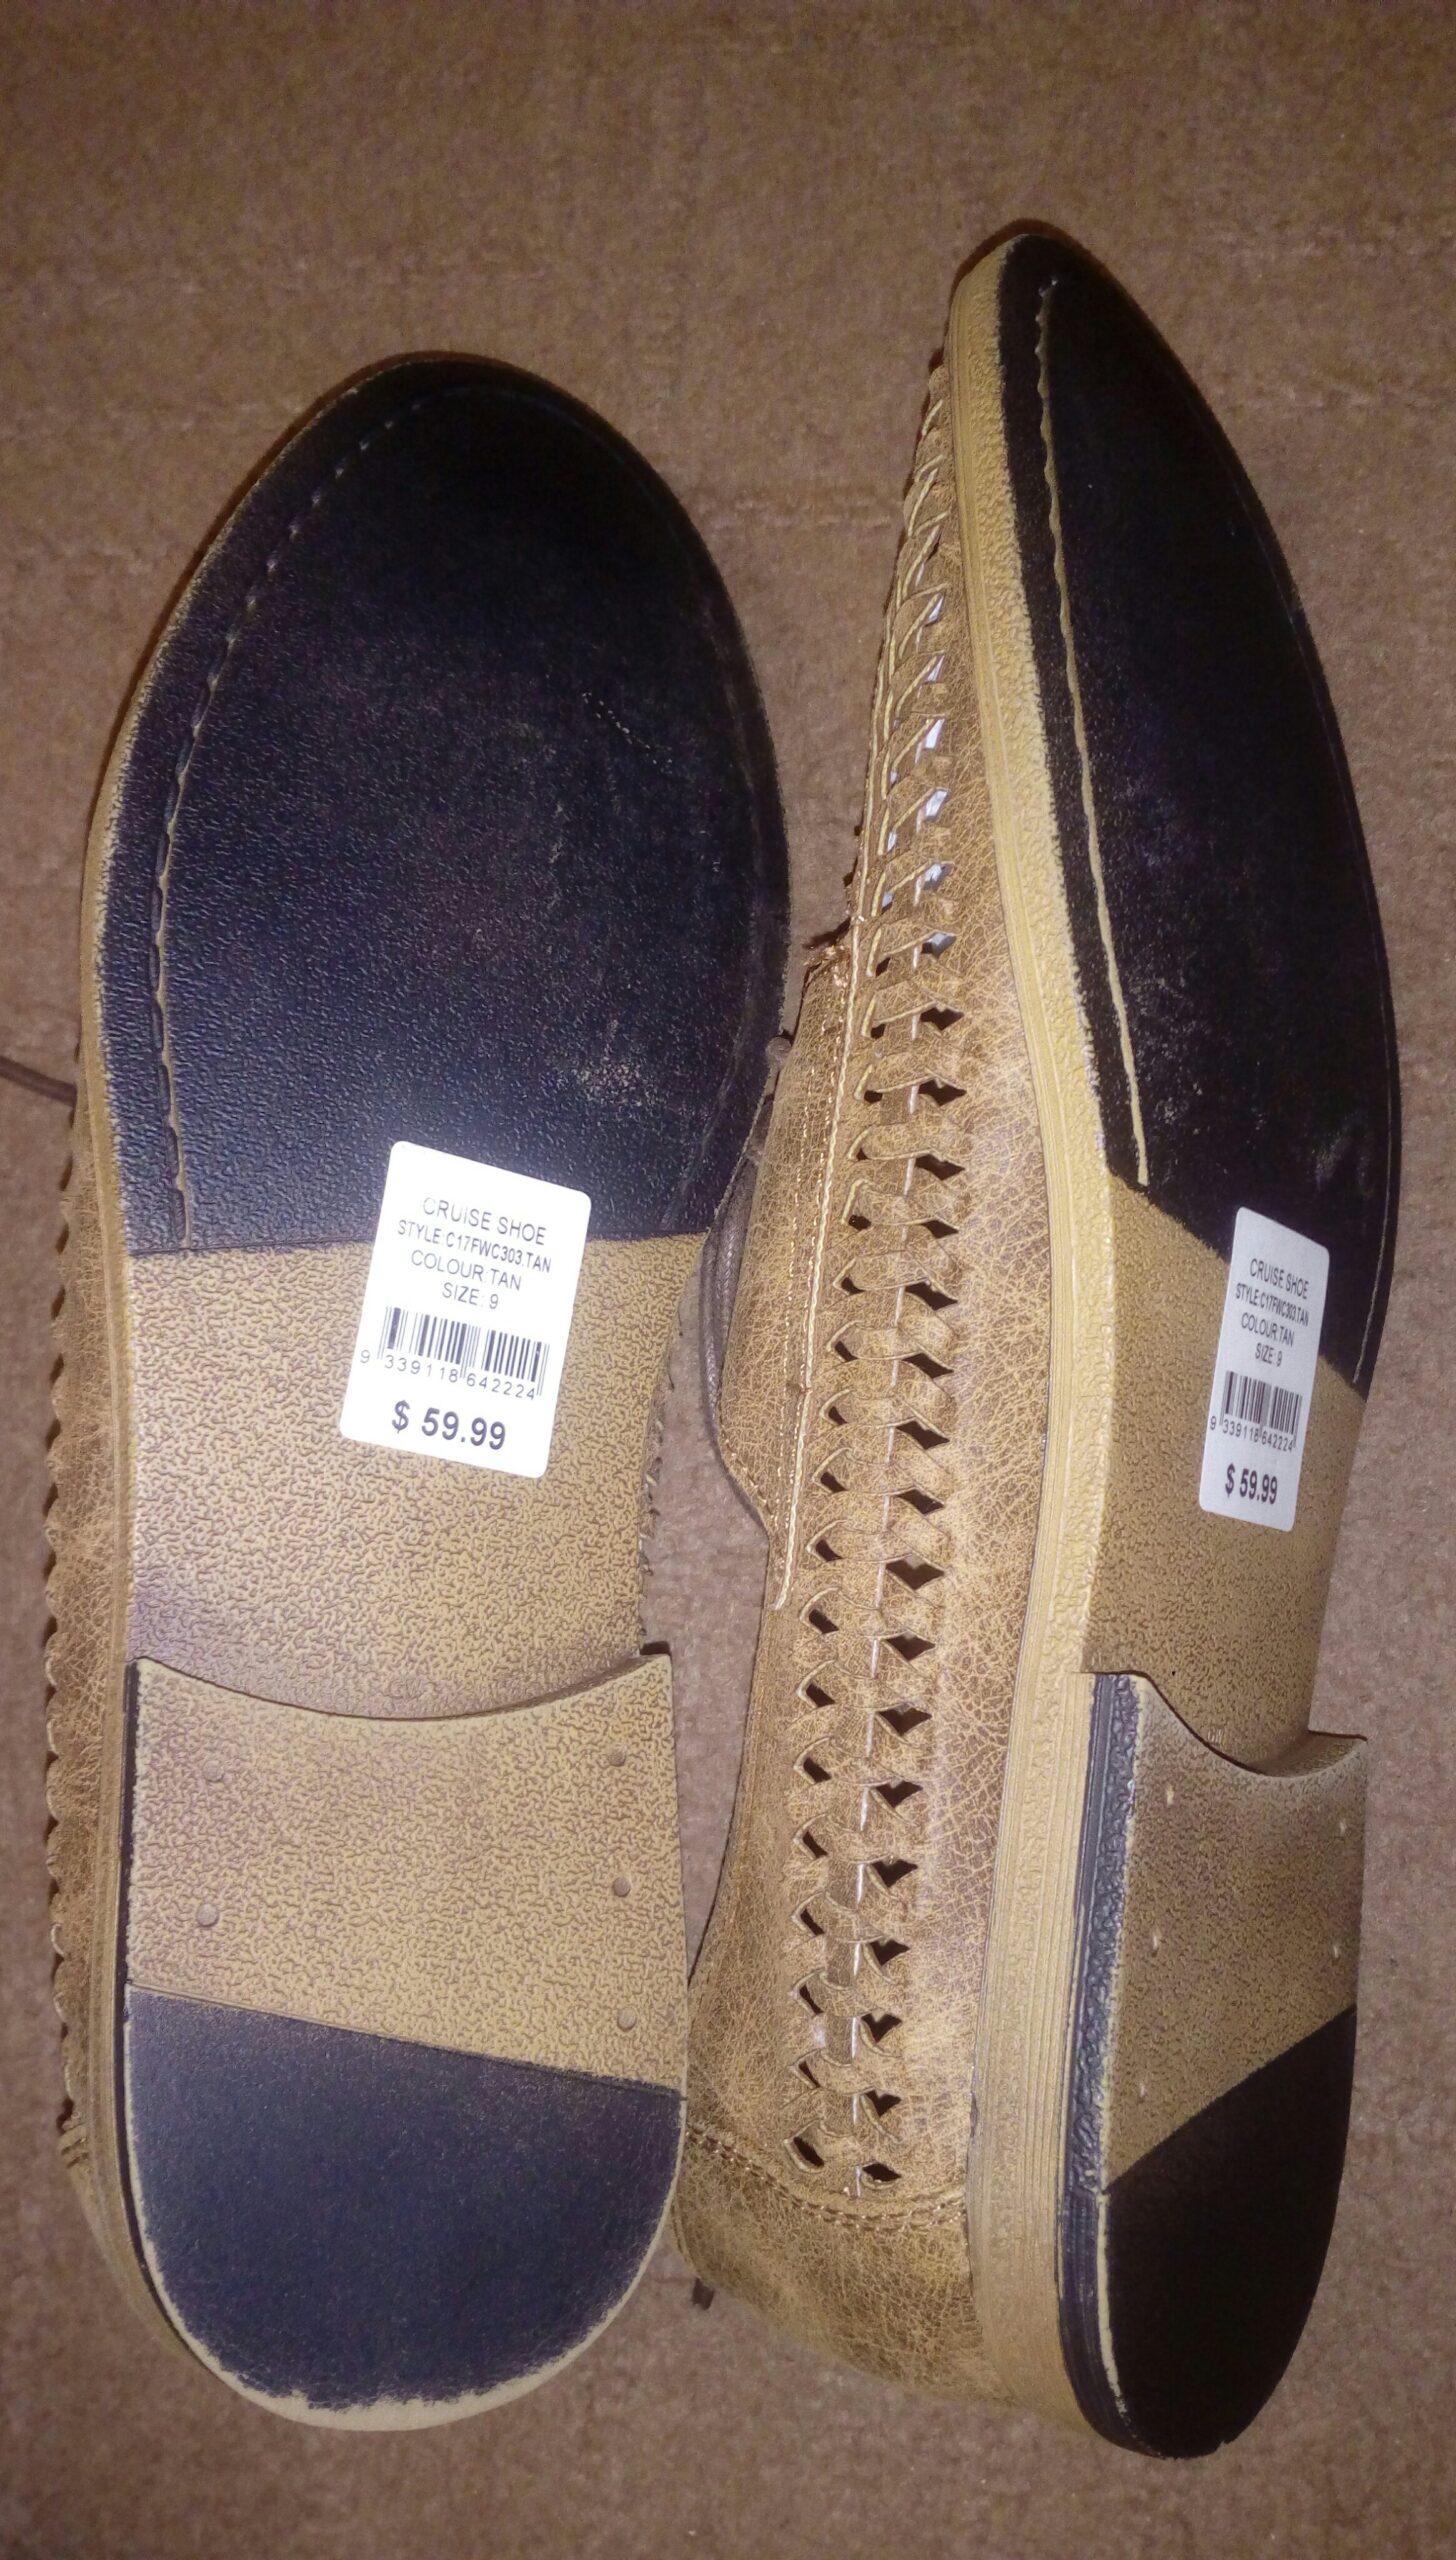 New imported stylish shoes